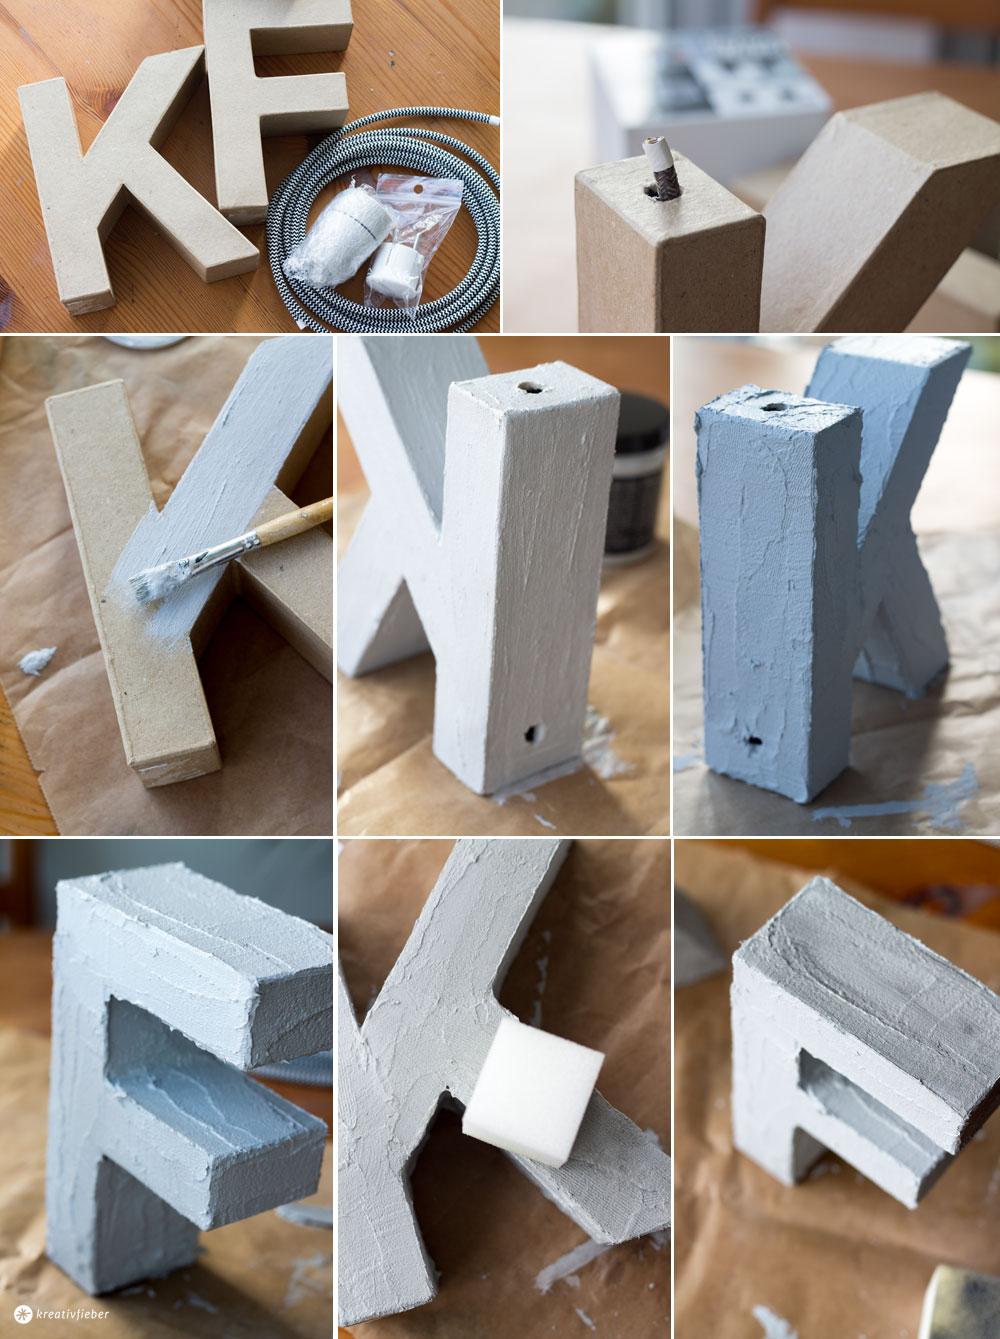 Buchstabenleuchte-mit-Textilkabel-und-Betoneffekt-Schritt-für-Schritt-Anleitung